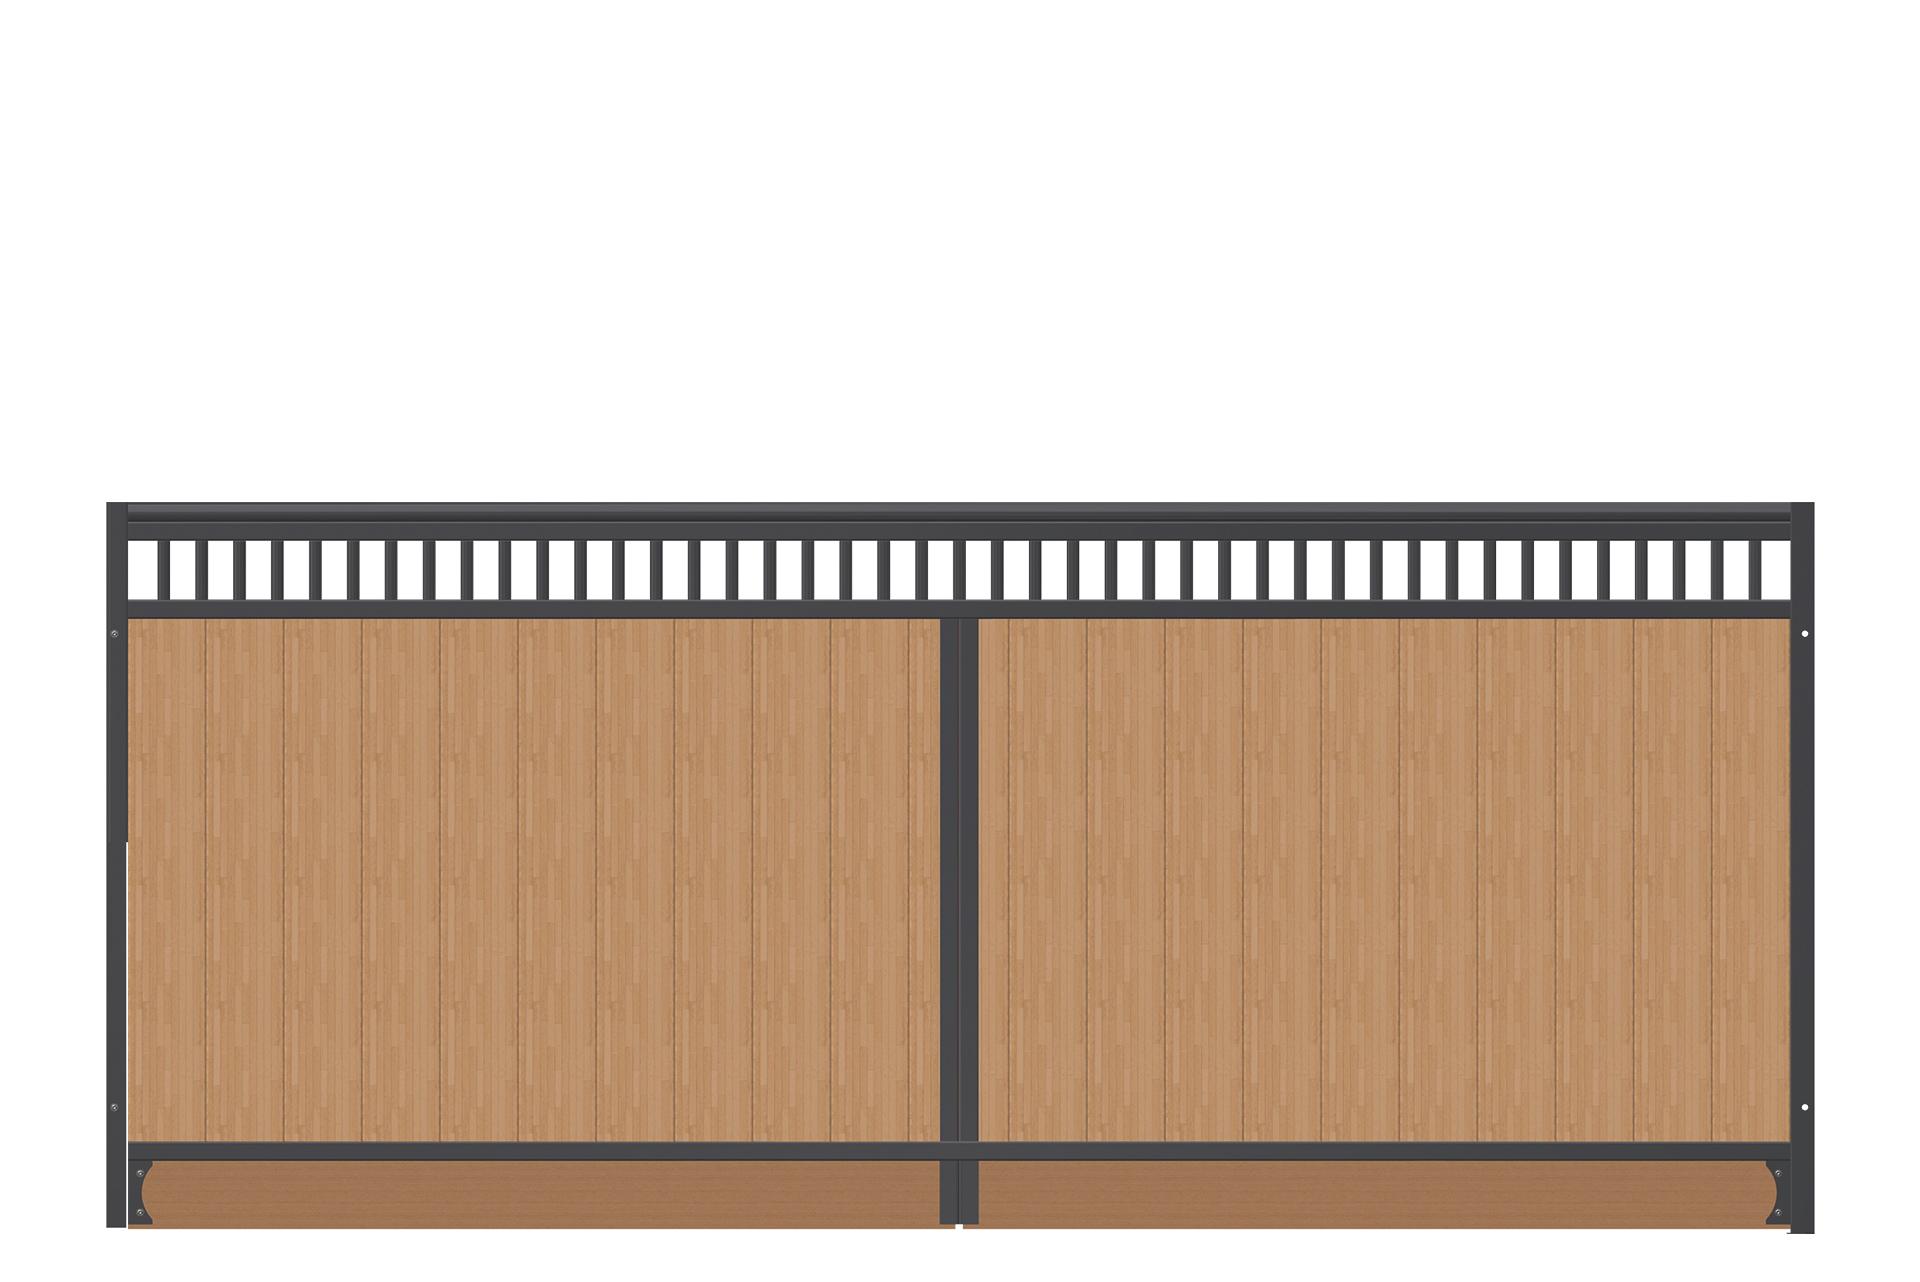 Trennwand-HH-3,5m-1,5m-hoch